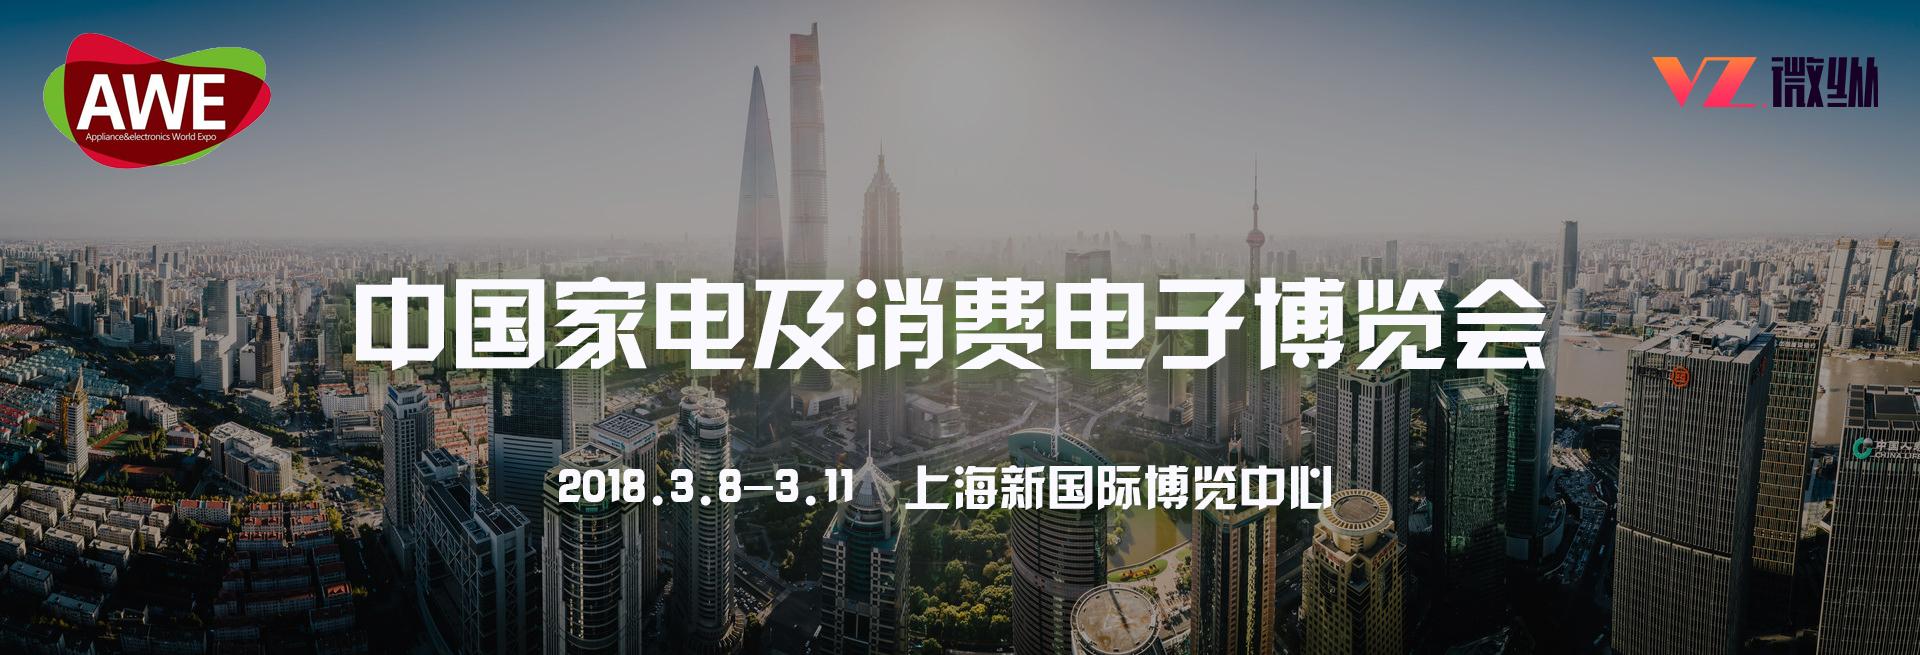 AWE2018|微纵科技全程报道中国家电及消费电子博览会